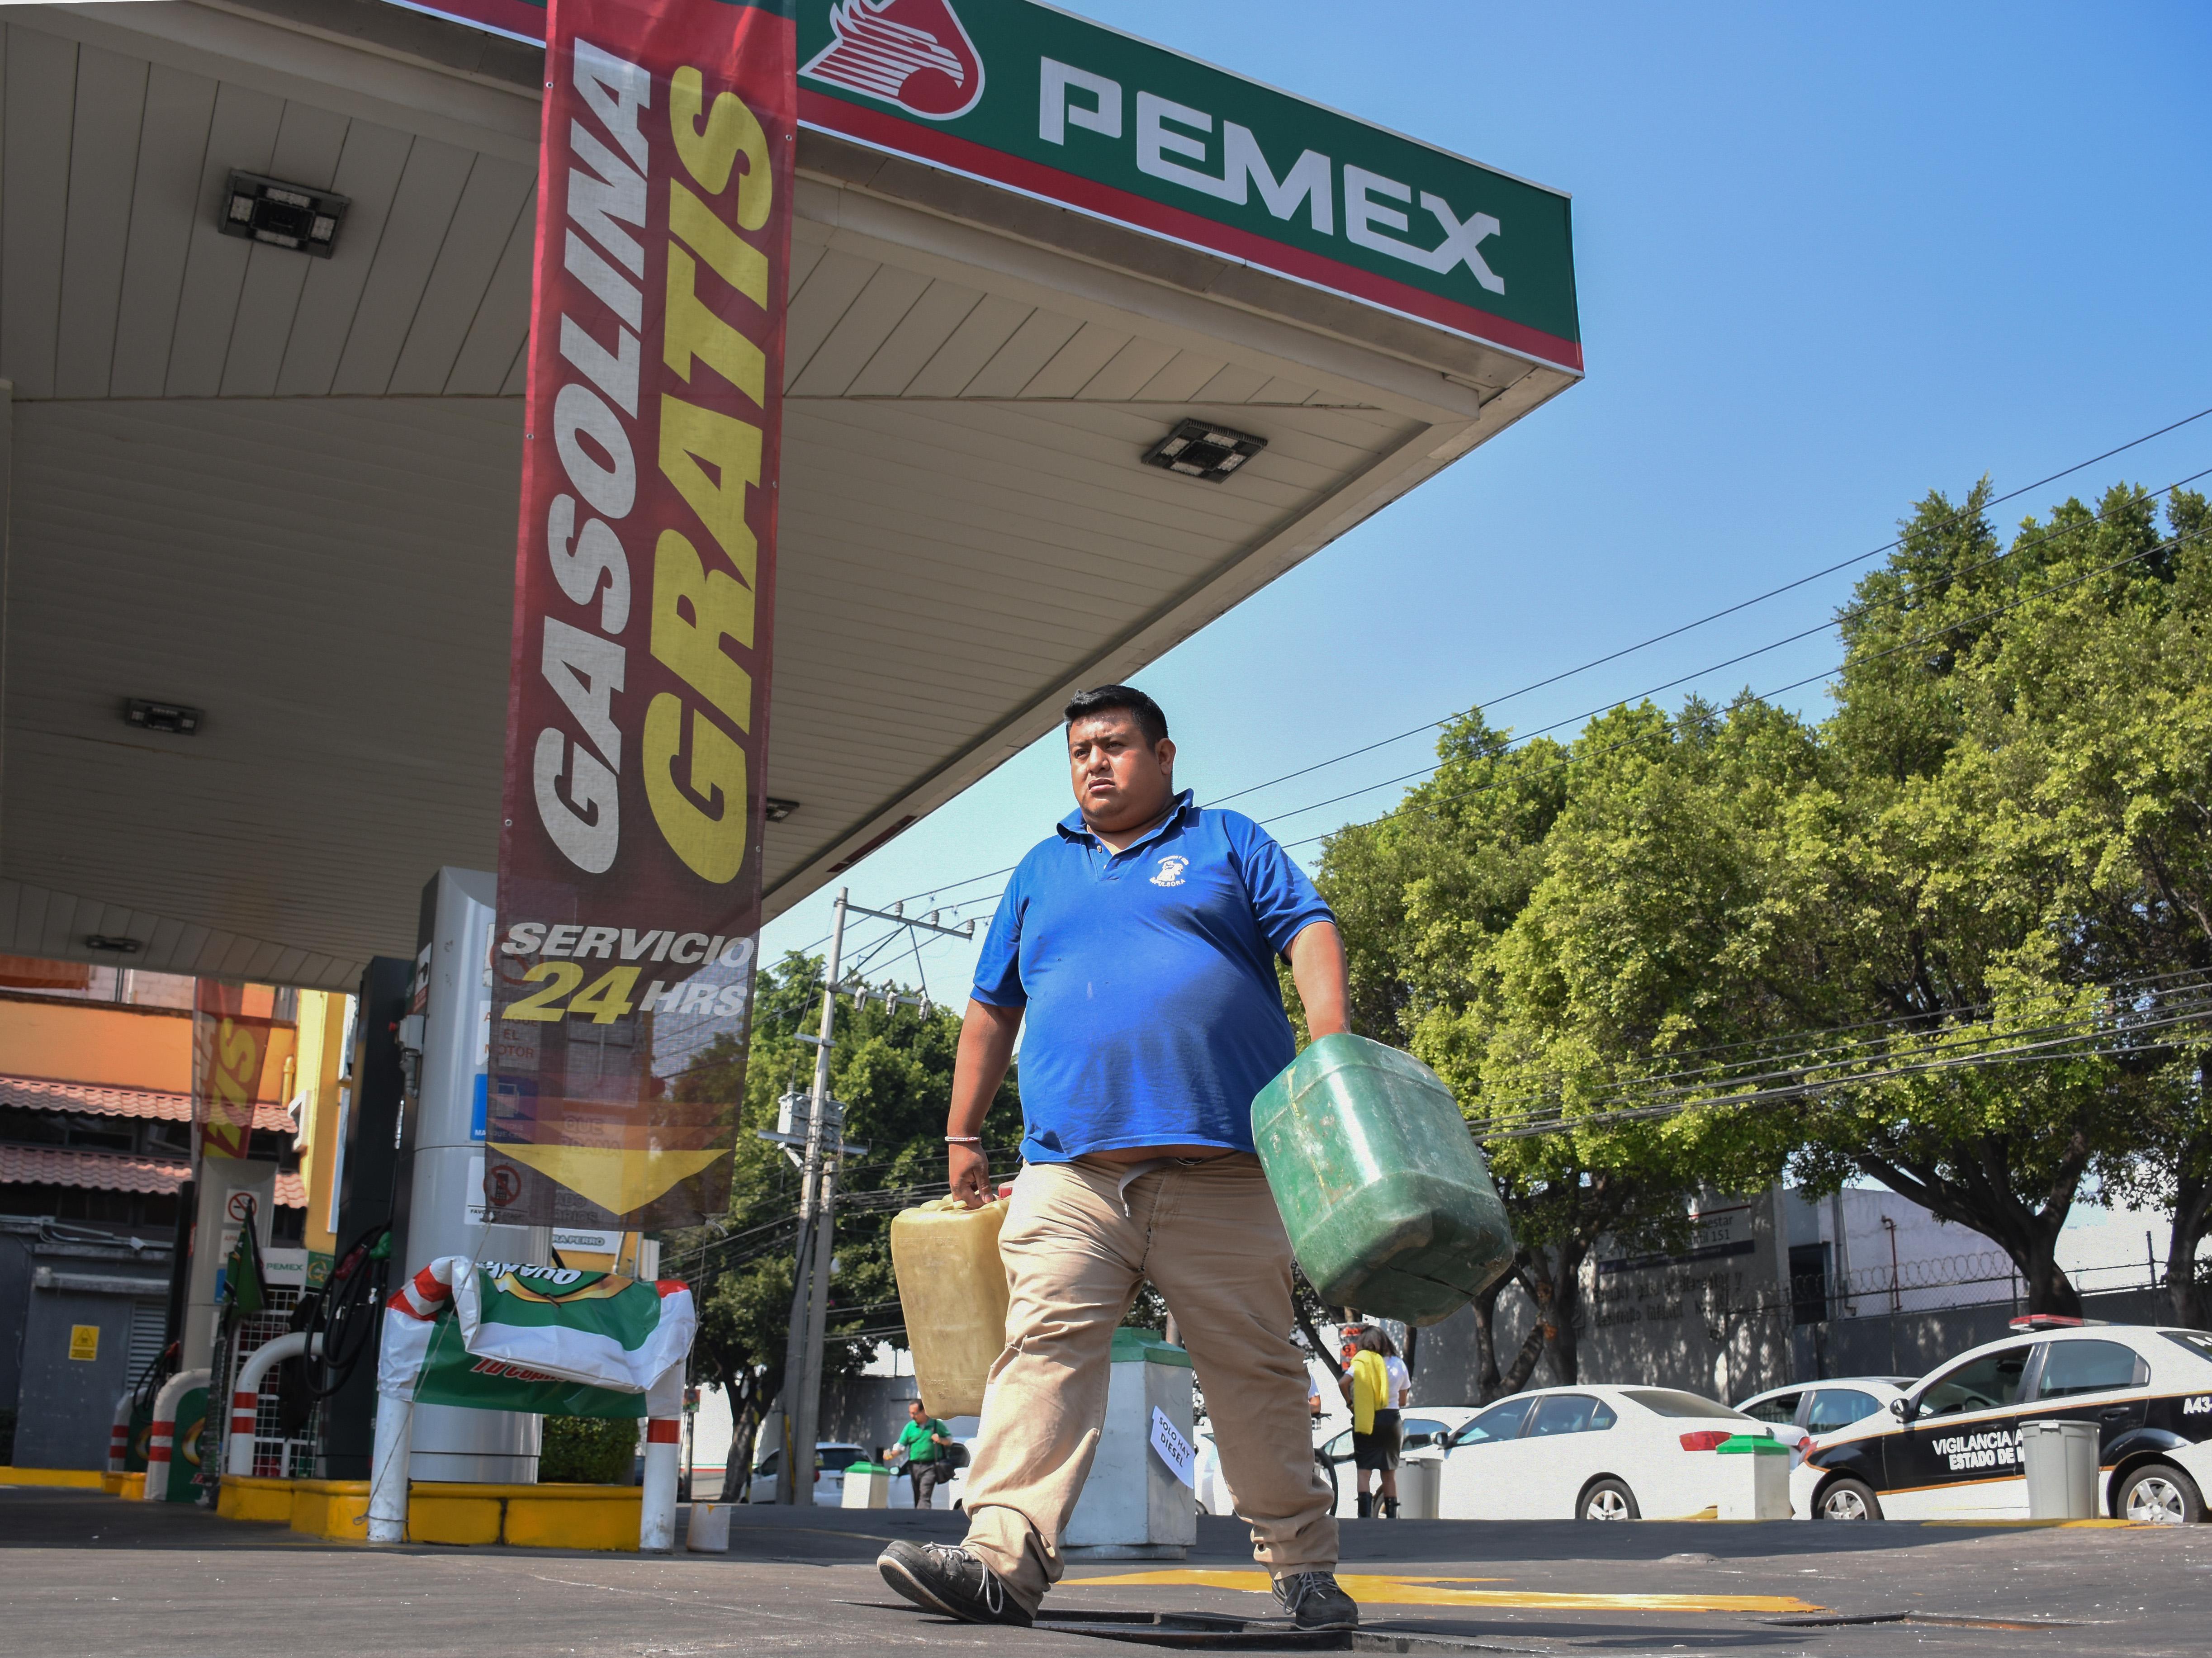 Continúa el desabasto de gasolina en la CDMX